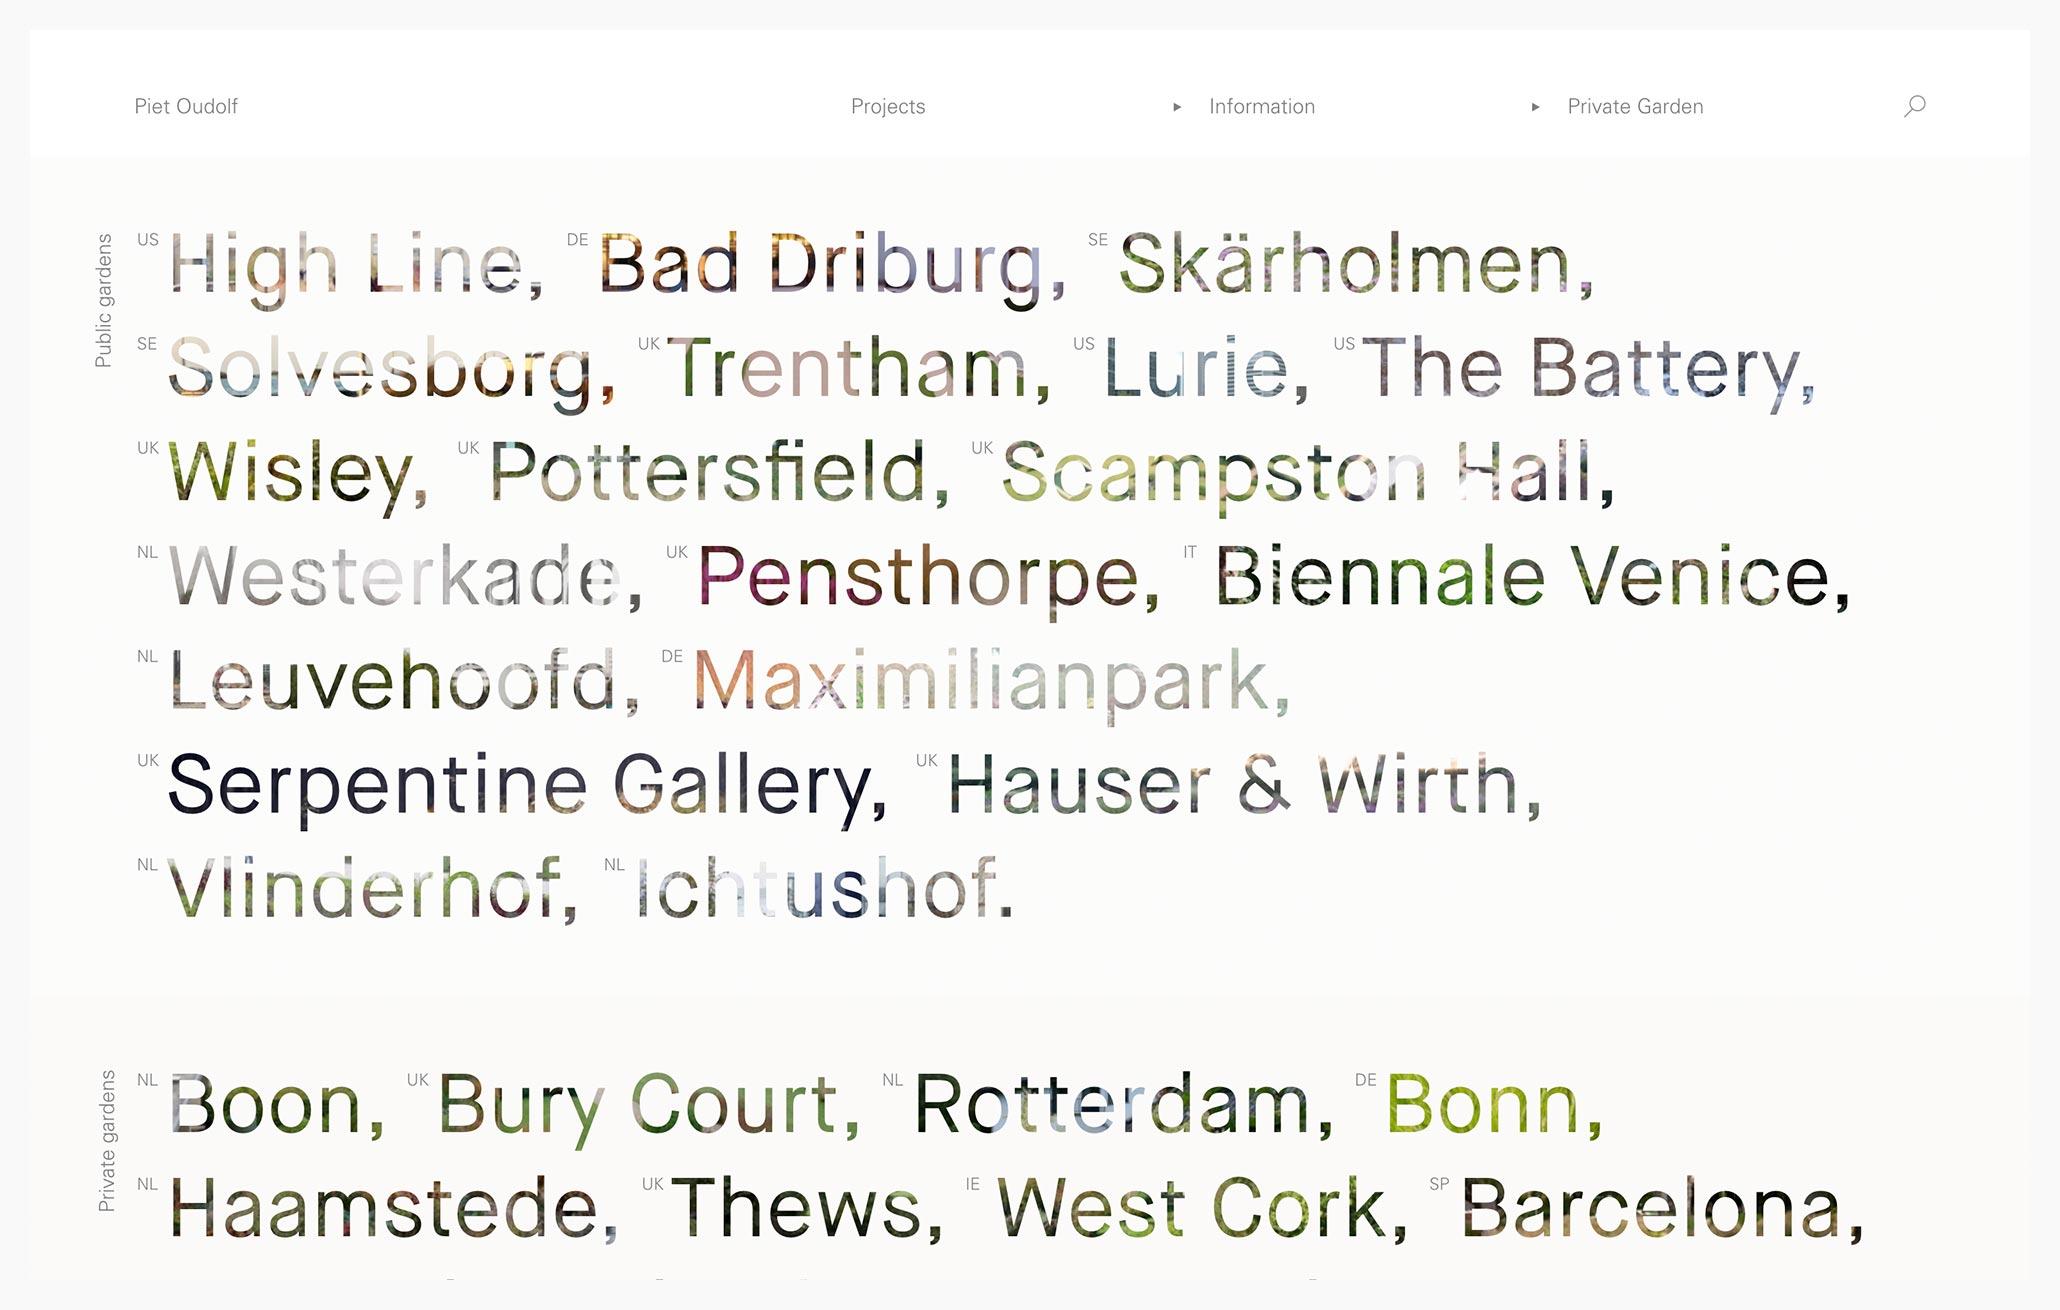 Piet Oudolf - Best Architecture Websites 2018